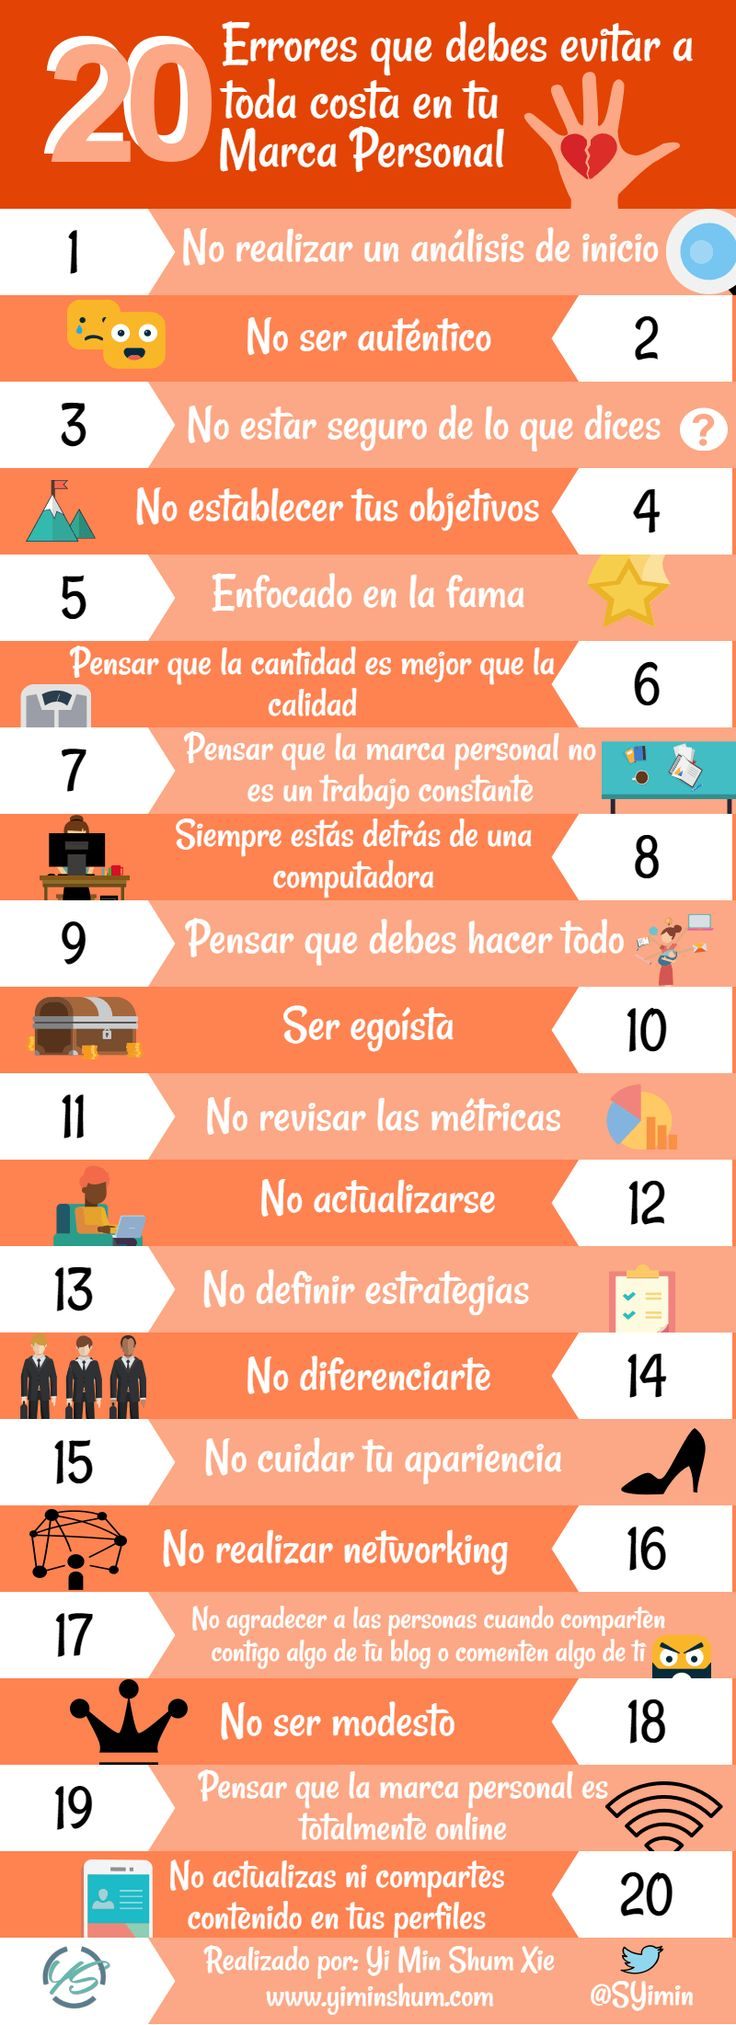 20 errores de tu Marca Personal #infografia #infographic #marketing   TICs y Formación